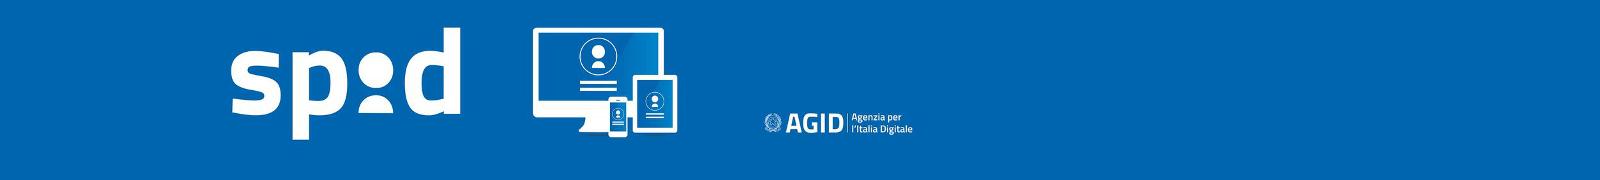 Immagine SPID di AGID (Agenzia per l'Italia Digitale)